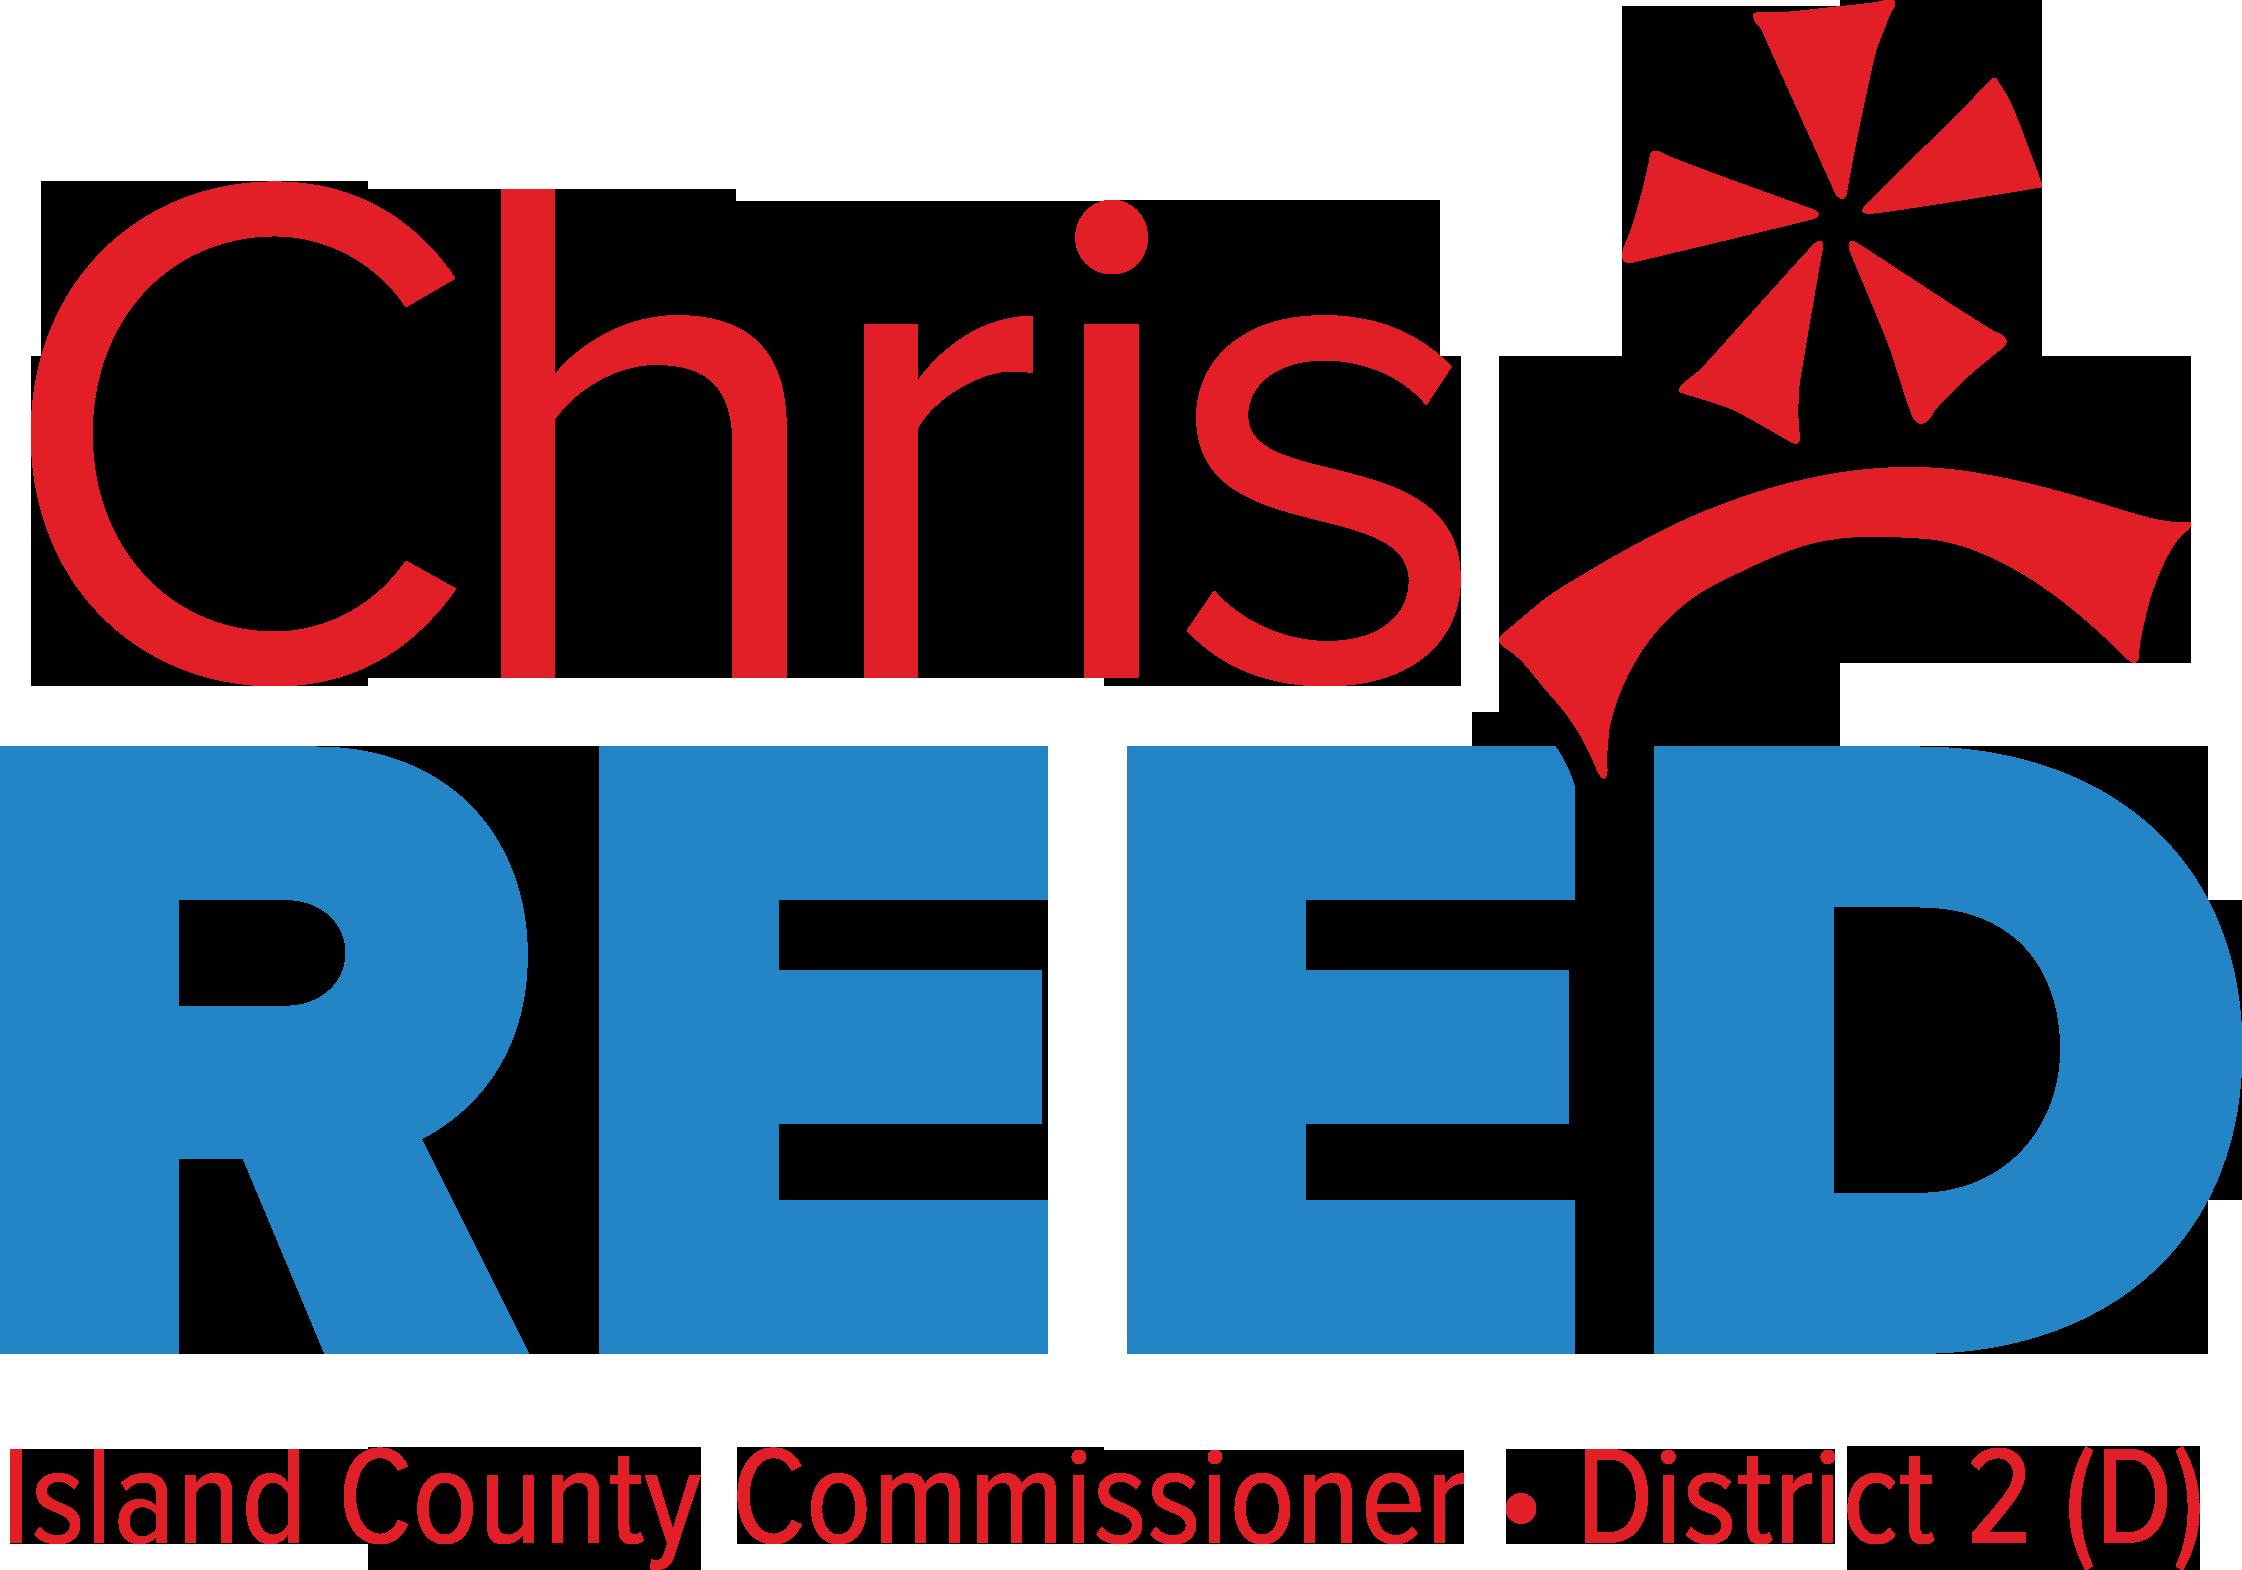 Chris Reed